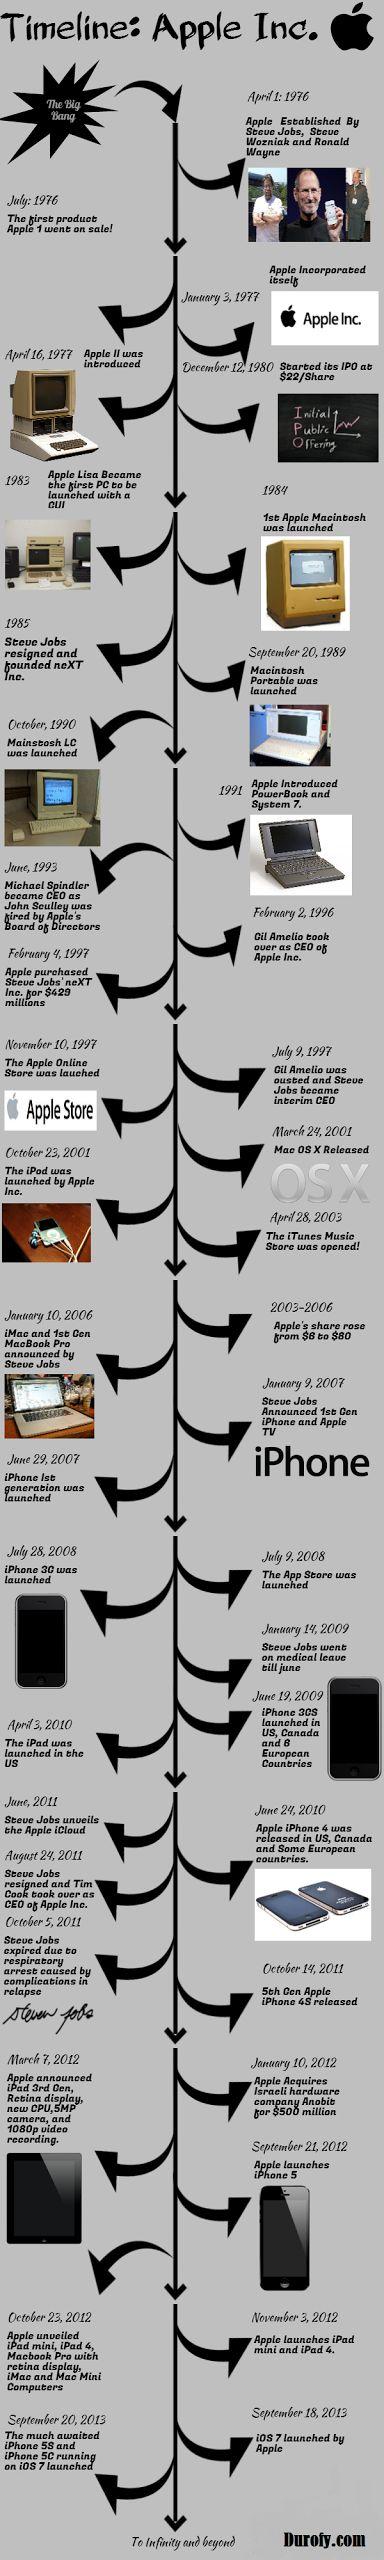 Timeline: Apple Inc.